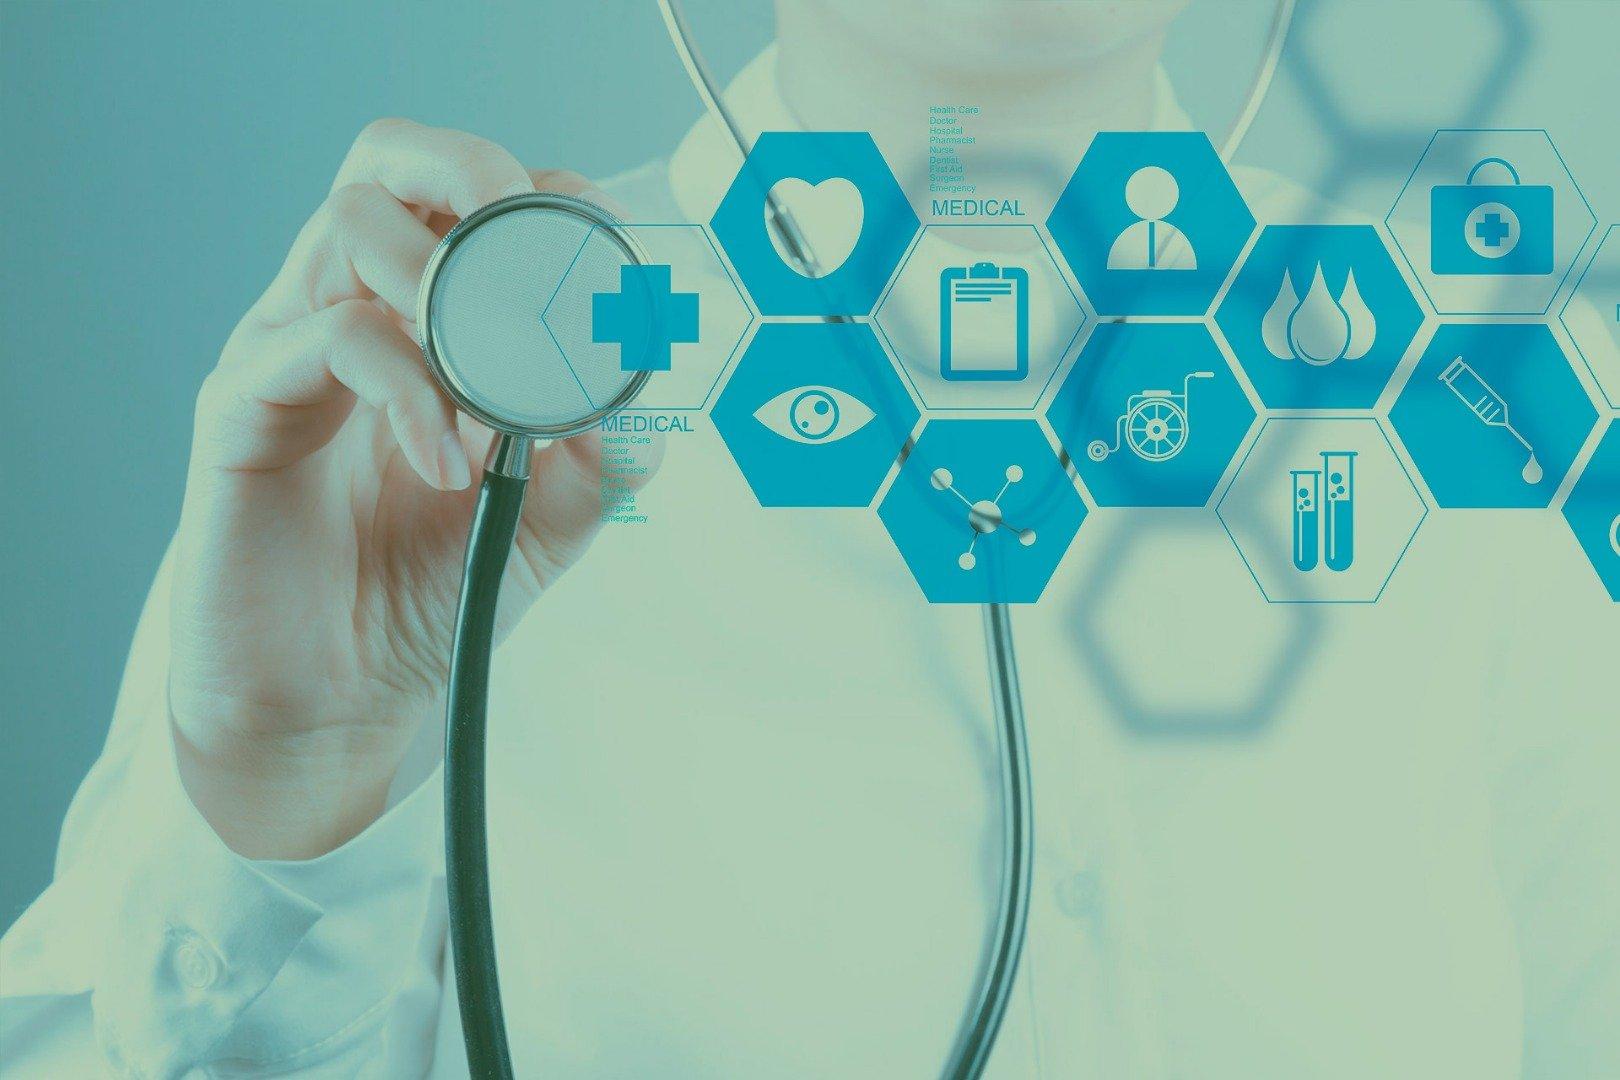 Sistema de gestão de clínica médica